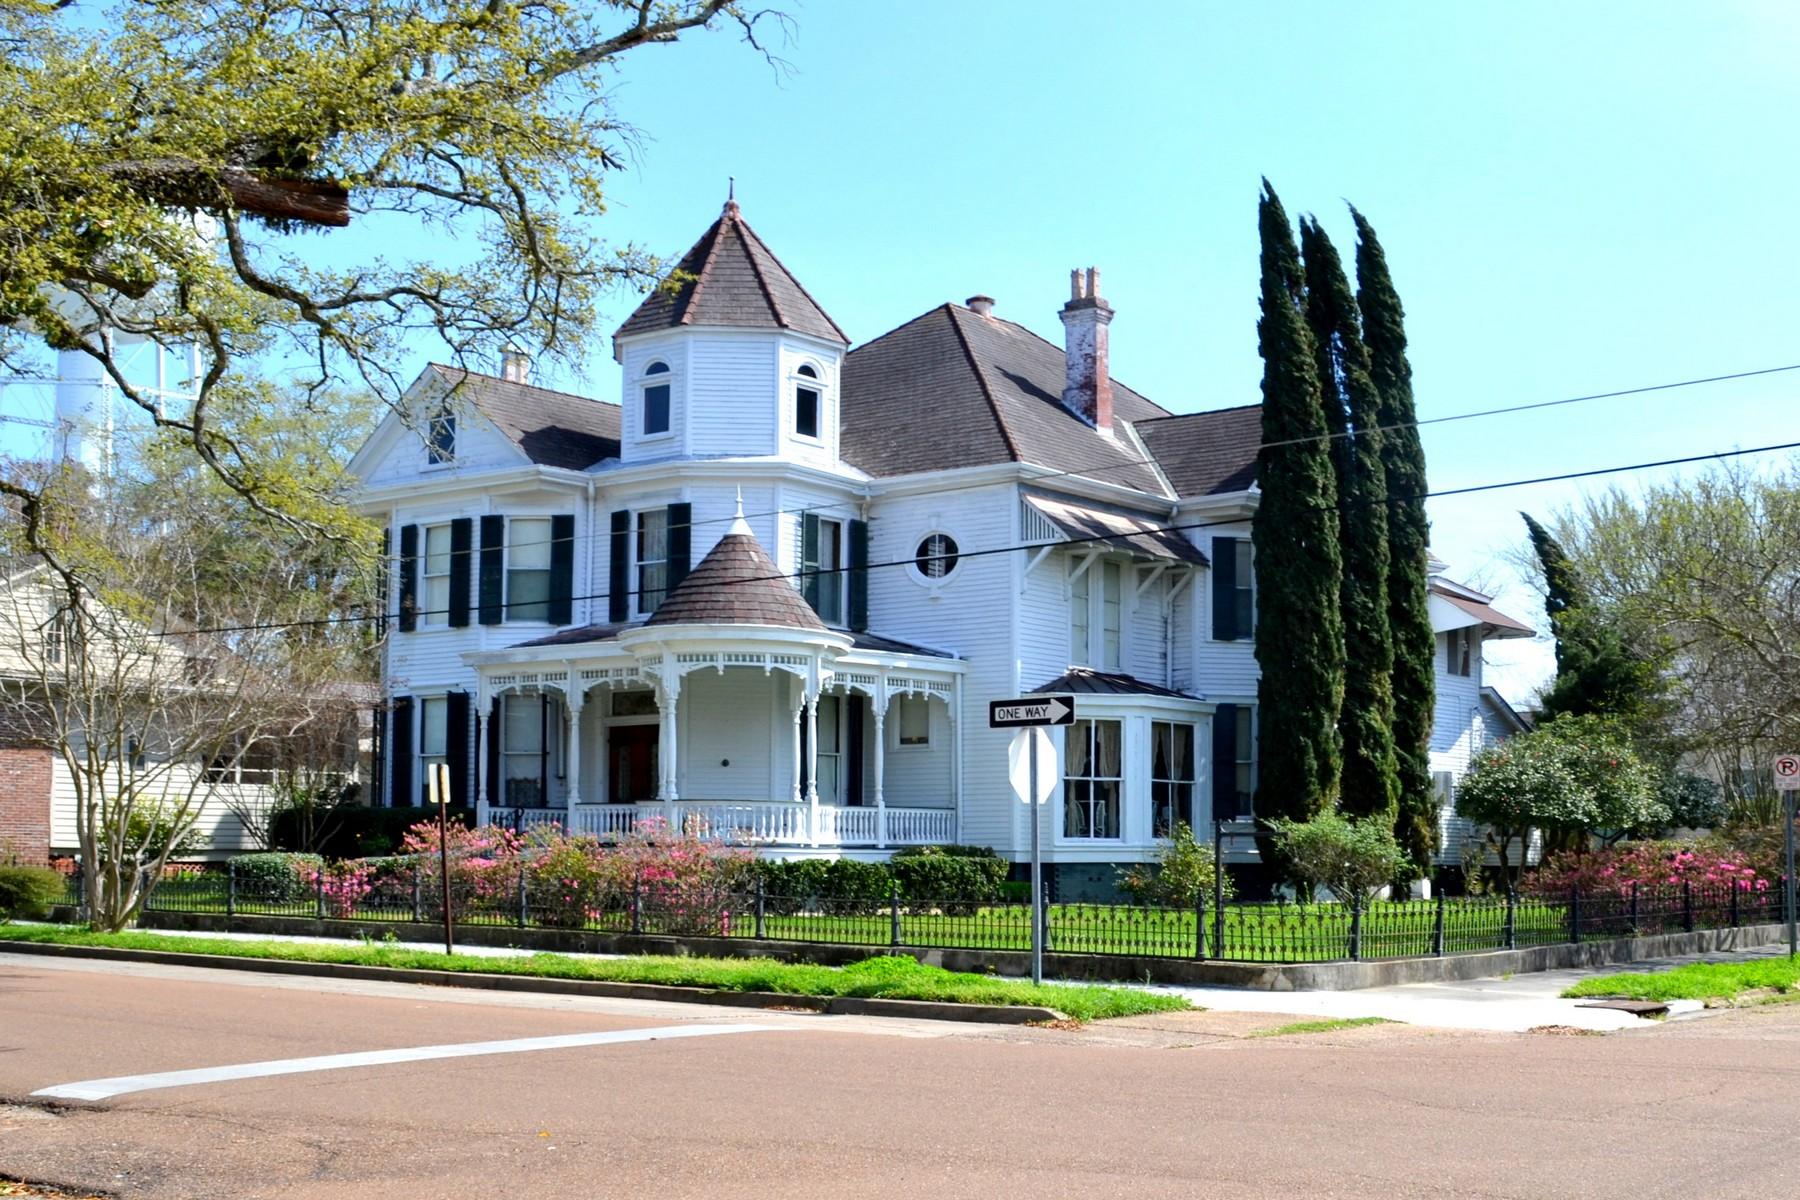 단독 가정 주택 용 매매 에 401 N Commerce St Natchez, 미시시피, 39120 미국